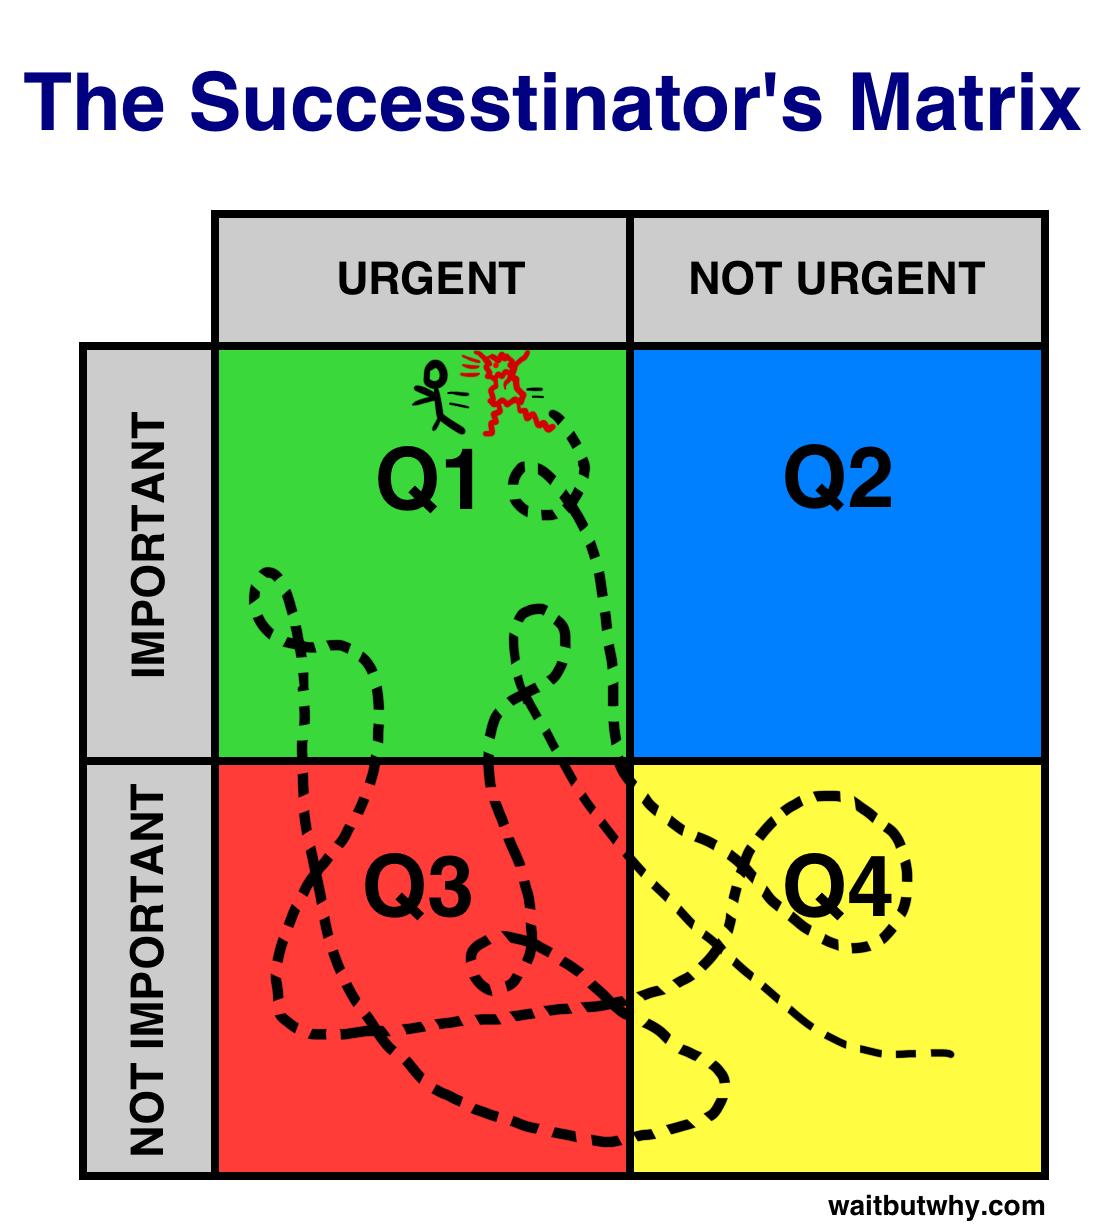 Successtinator's Matrix